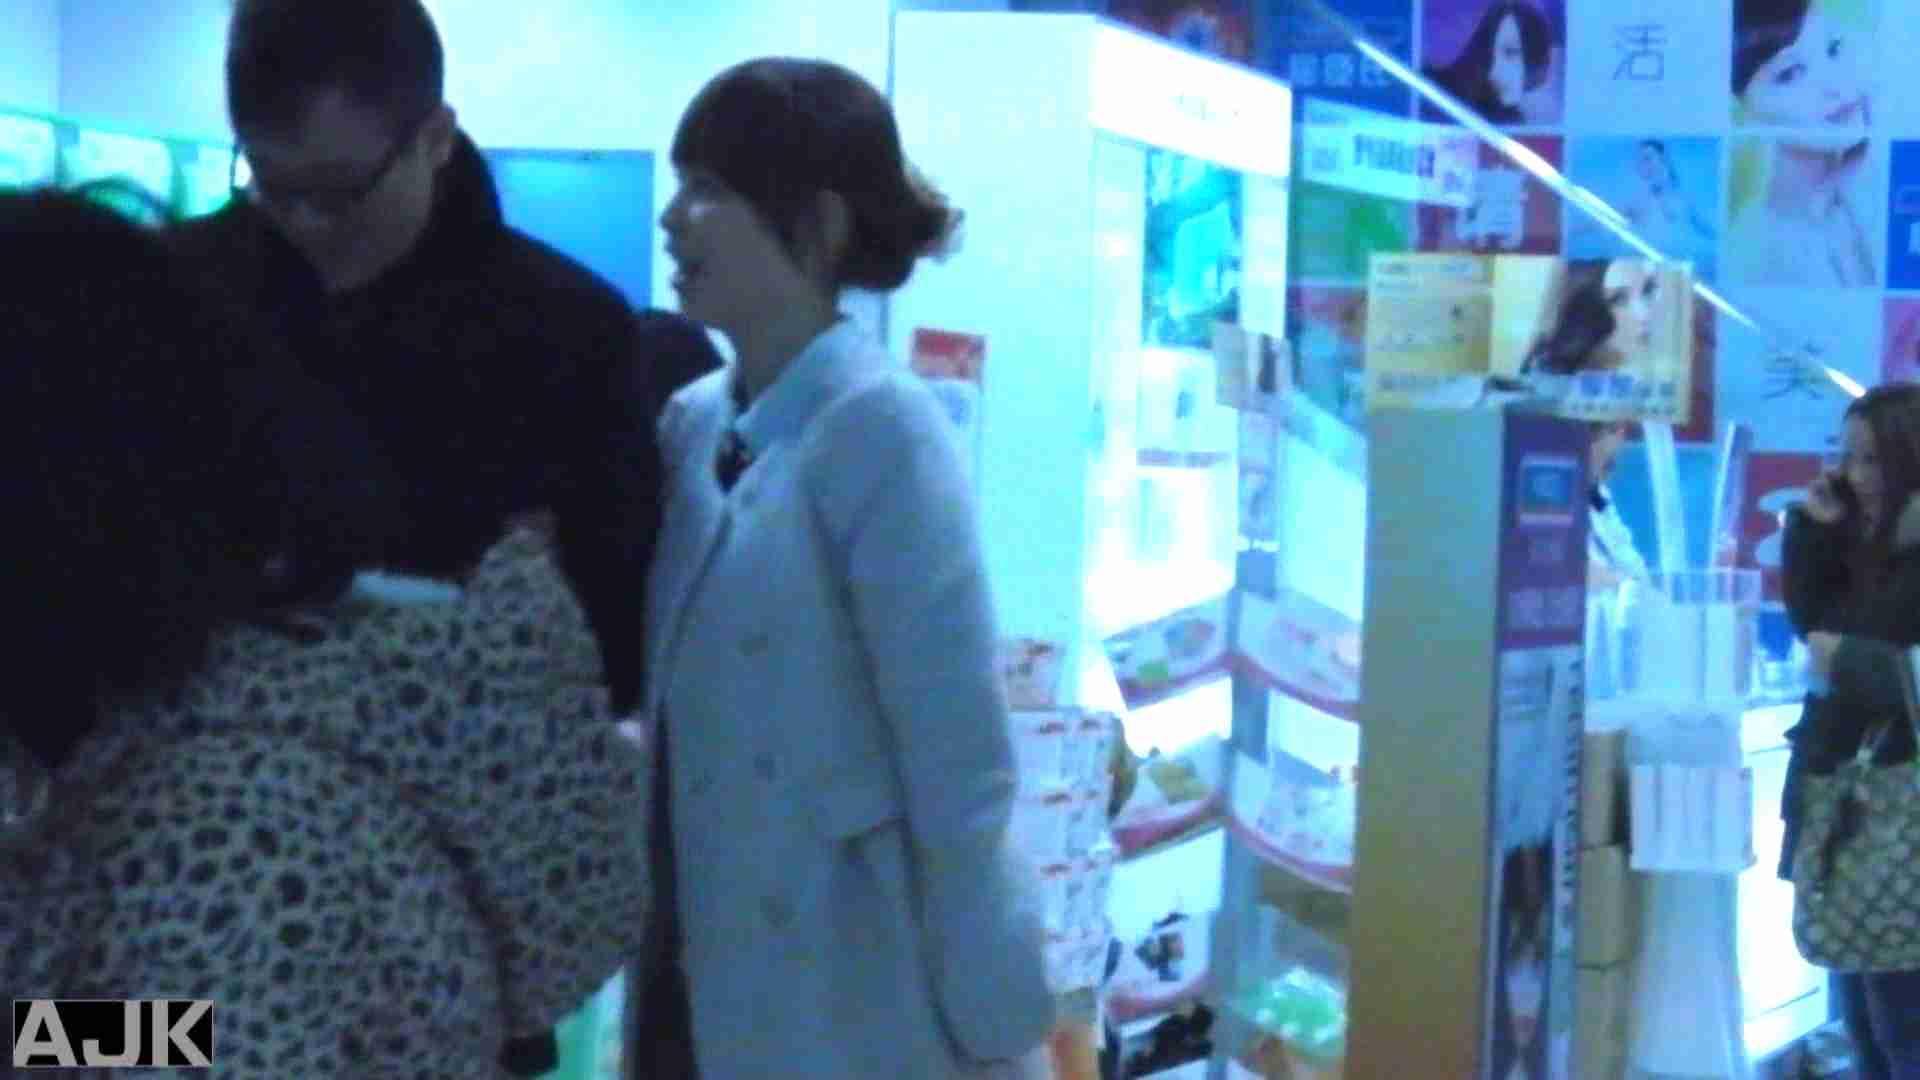 隣国上階級エリアの令嬢たちが集うデパートお手洗い Vol.14 マンコ エロ無料画像 96枚 26